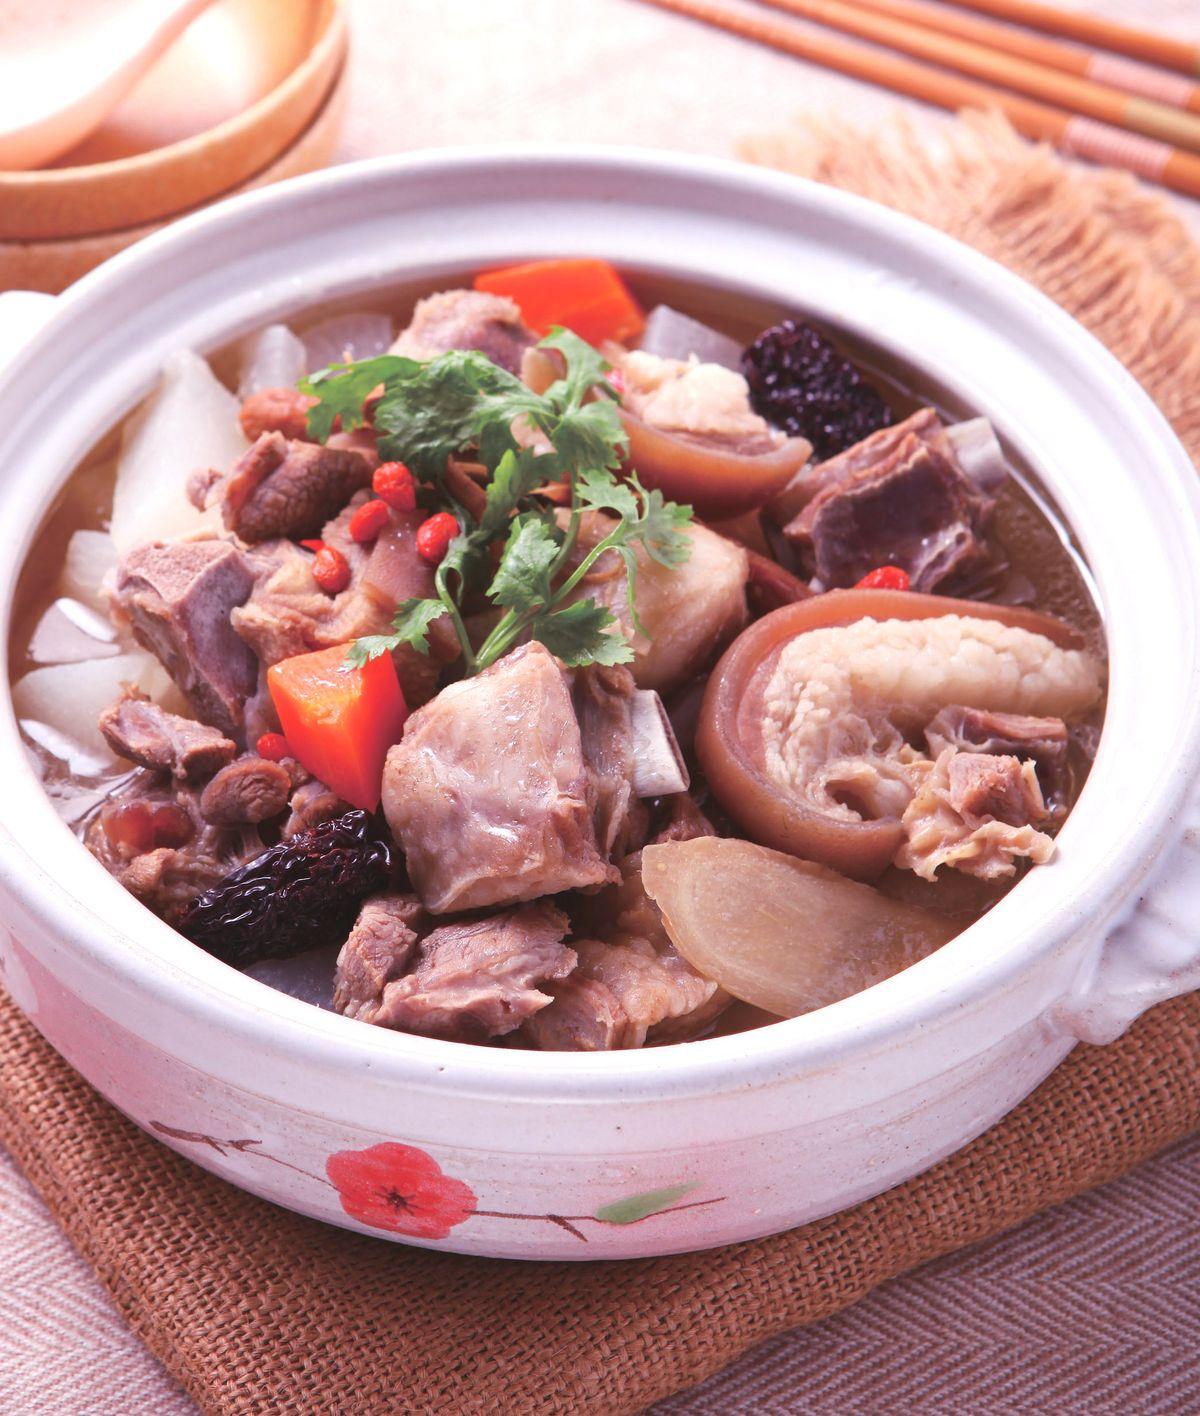 食譜:蘿蔔連鍋羊肉